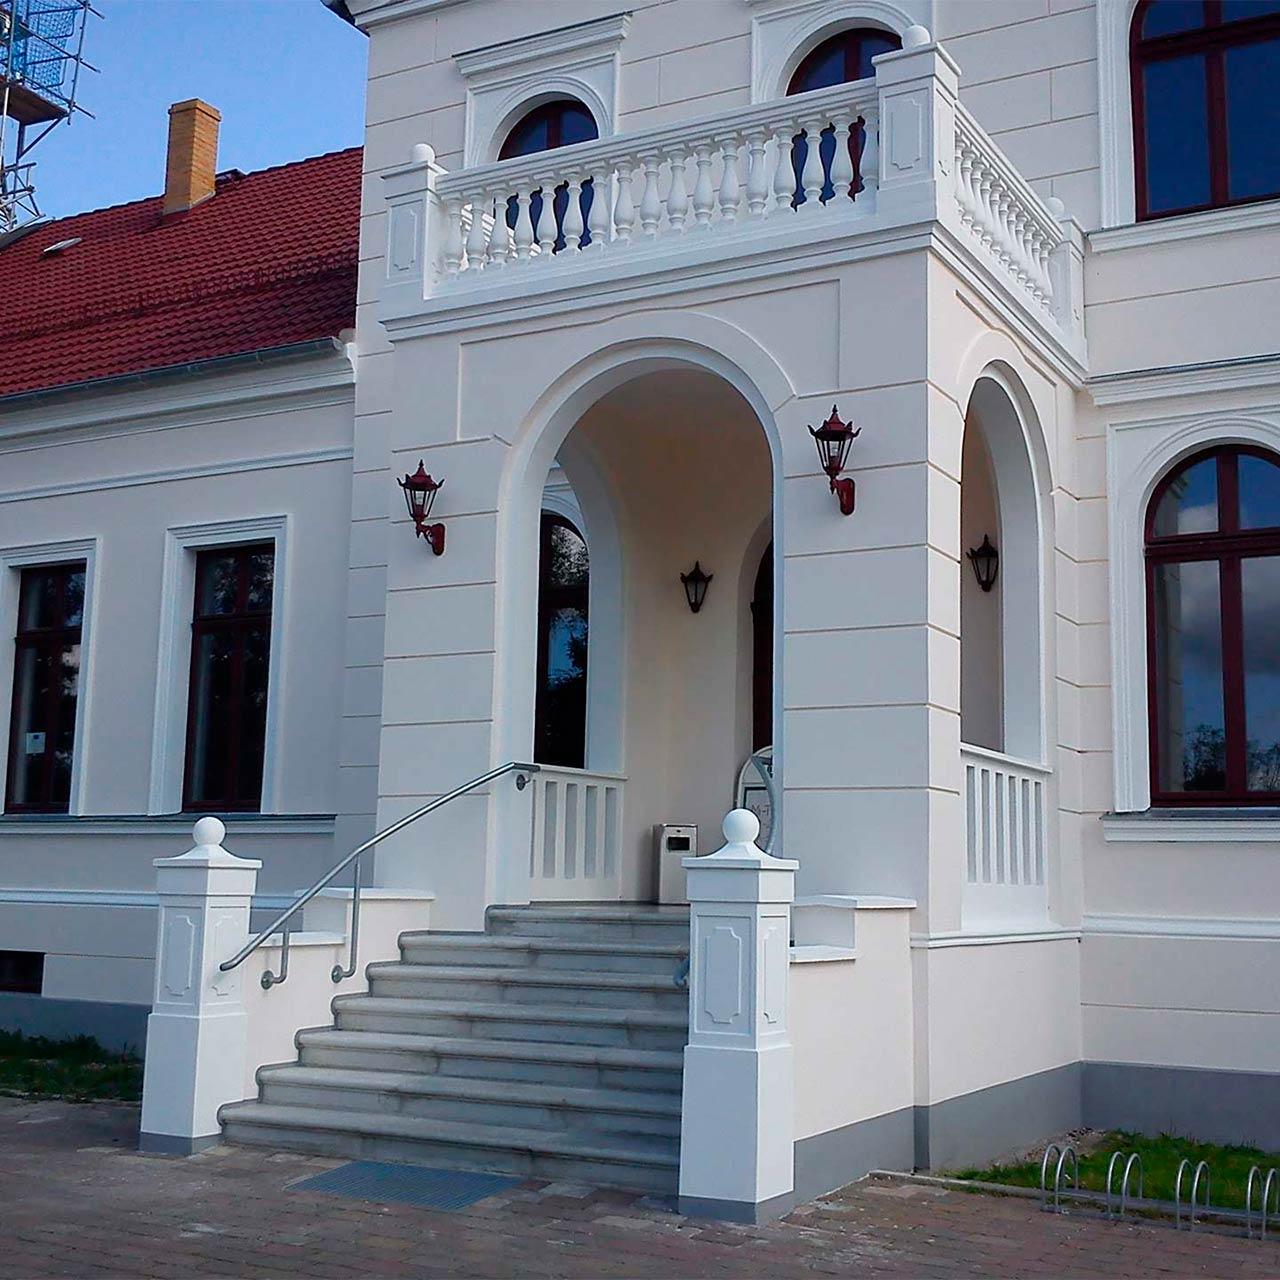 Ein Landhaus mit weißer Fassade wird von zwei Außenleuchten eingerahmt